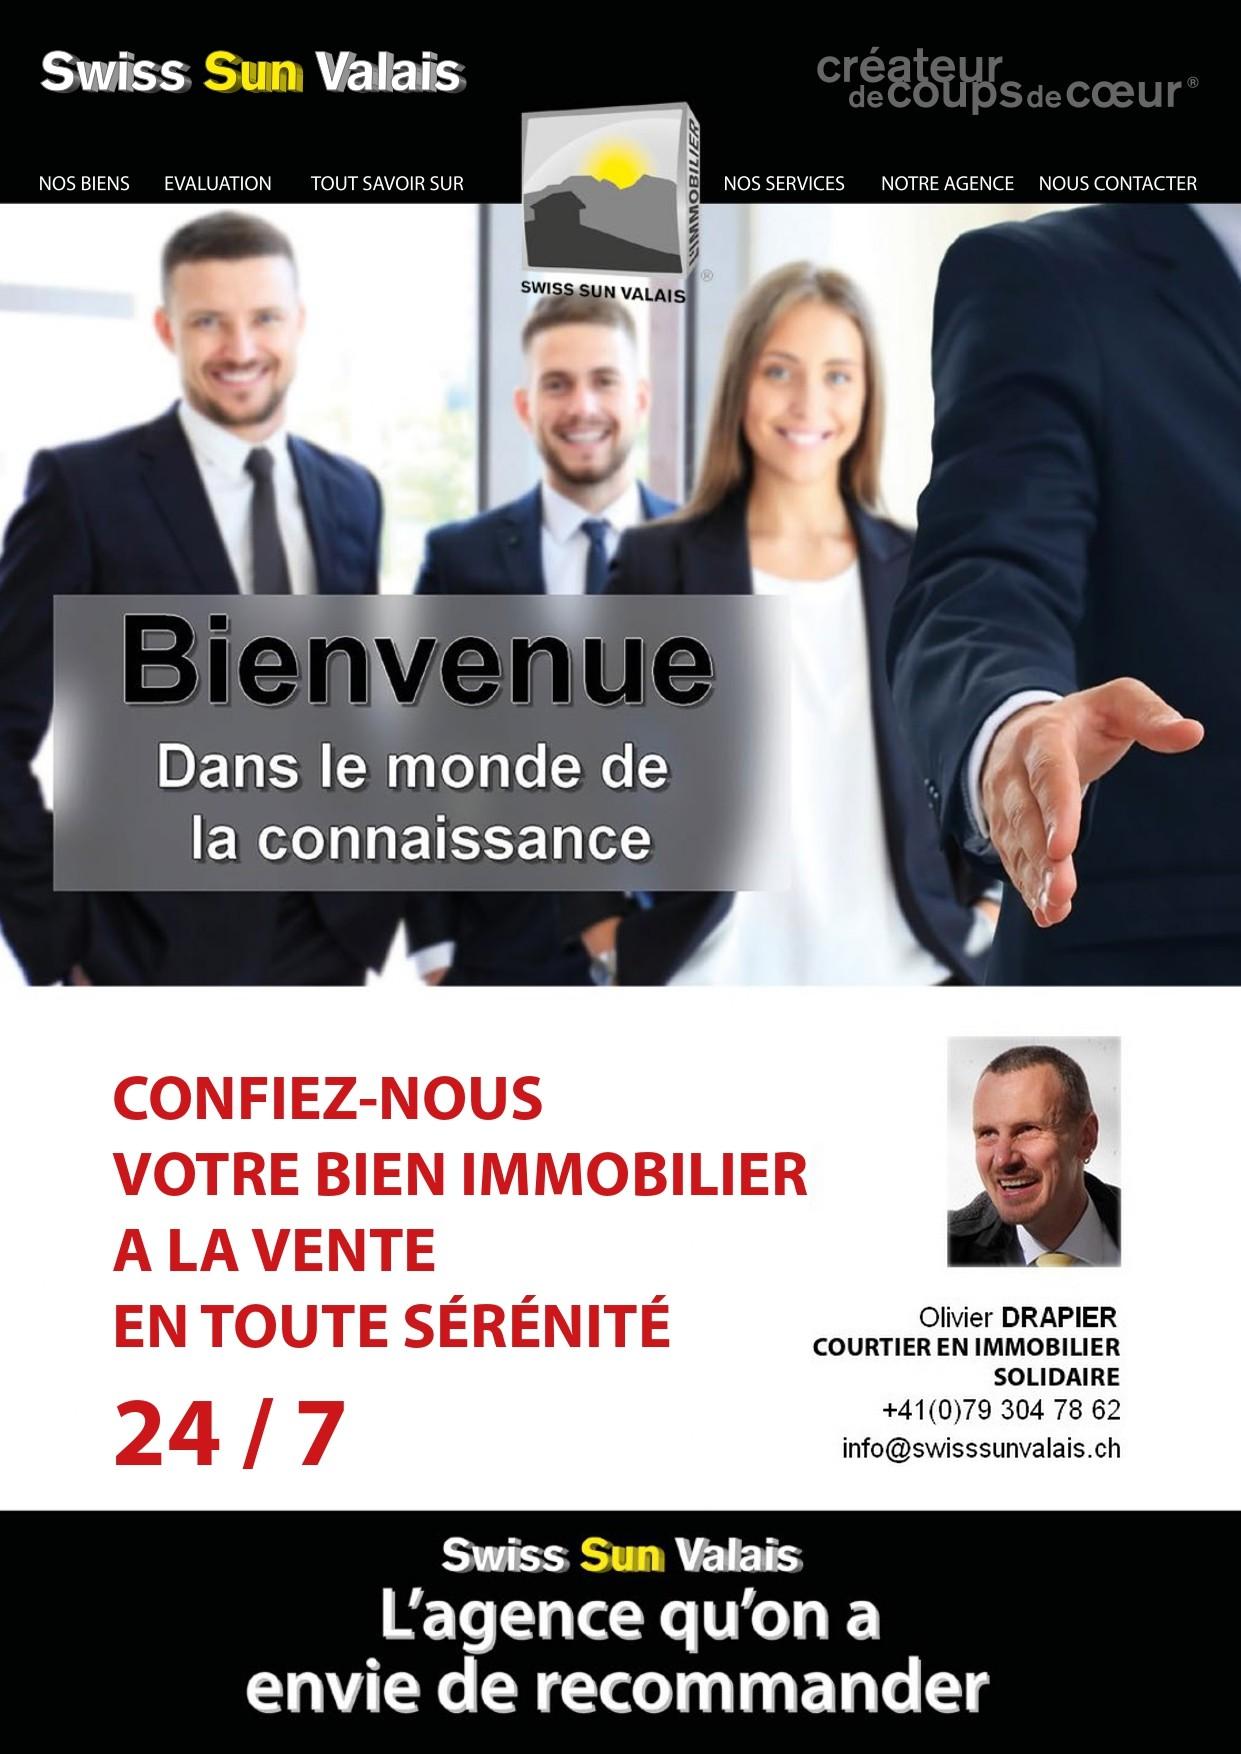 Swiss Sun Valais ® Vous souhaitez avoir une diffusion mondiale de votre bien immobilier à vendre en Valais Suisse. 1er réseau immobilier du Valais ®